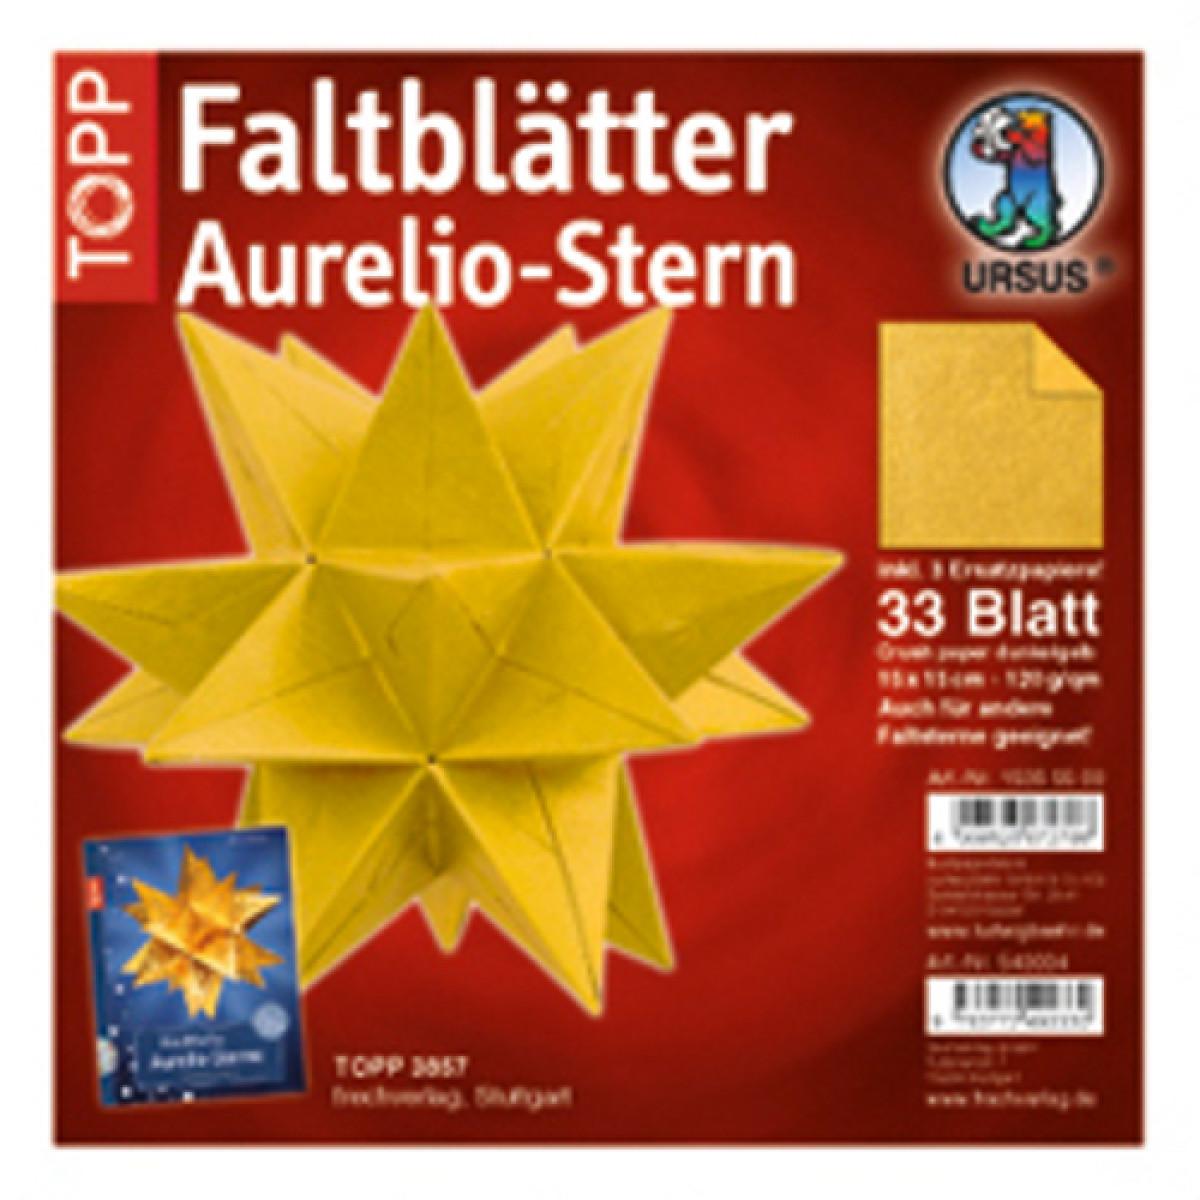 Faltblätter Aurelio Stern Crush Paper Dunkelgelb 15 X 15 Cm